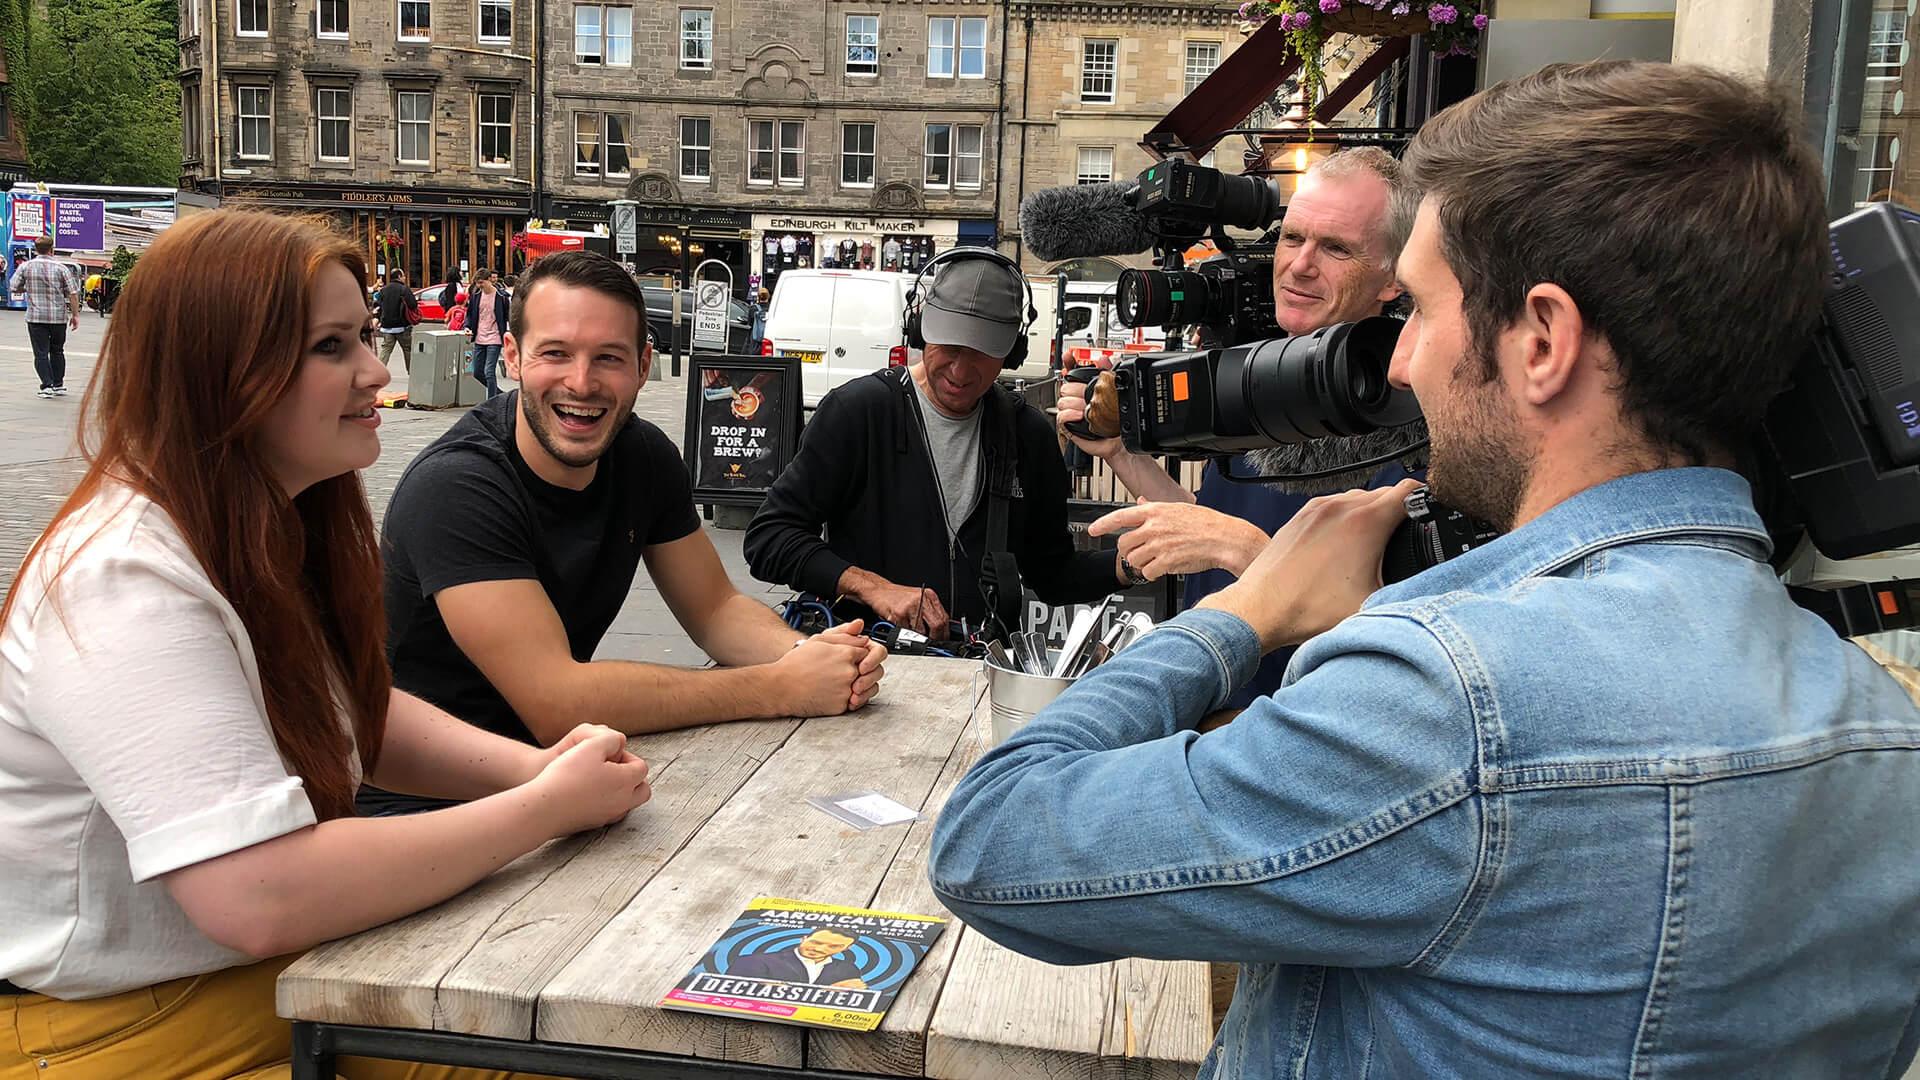 production company Prescription Media Interview in Edinburgh